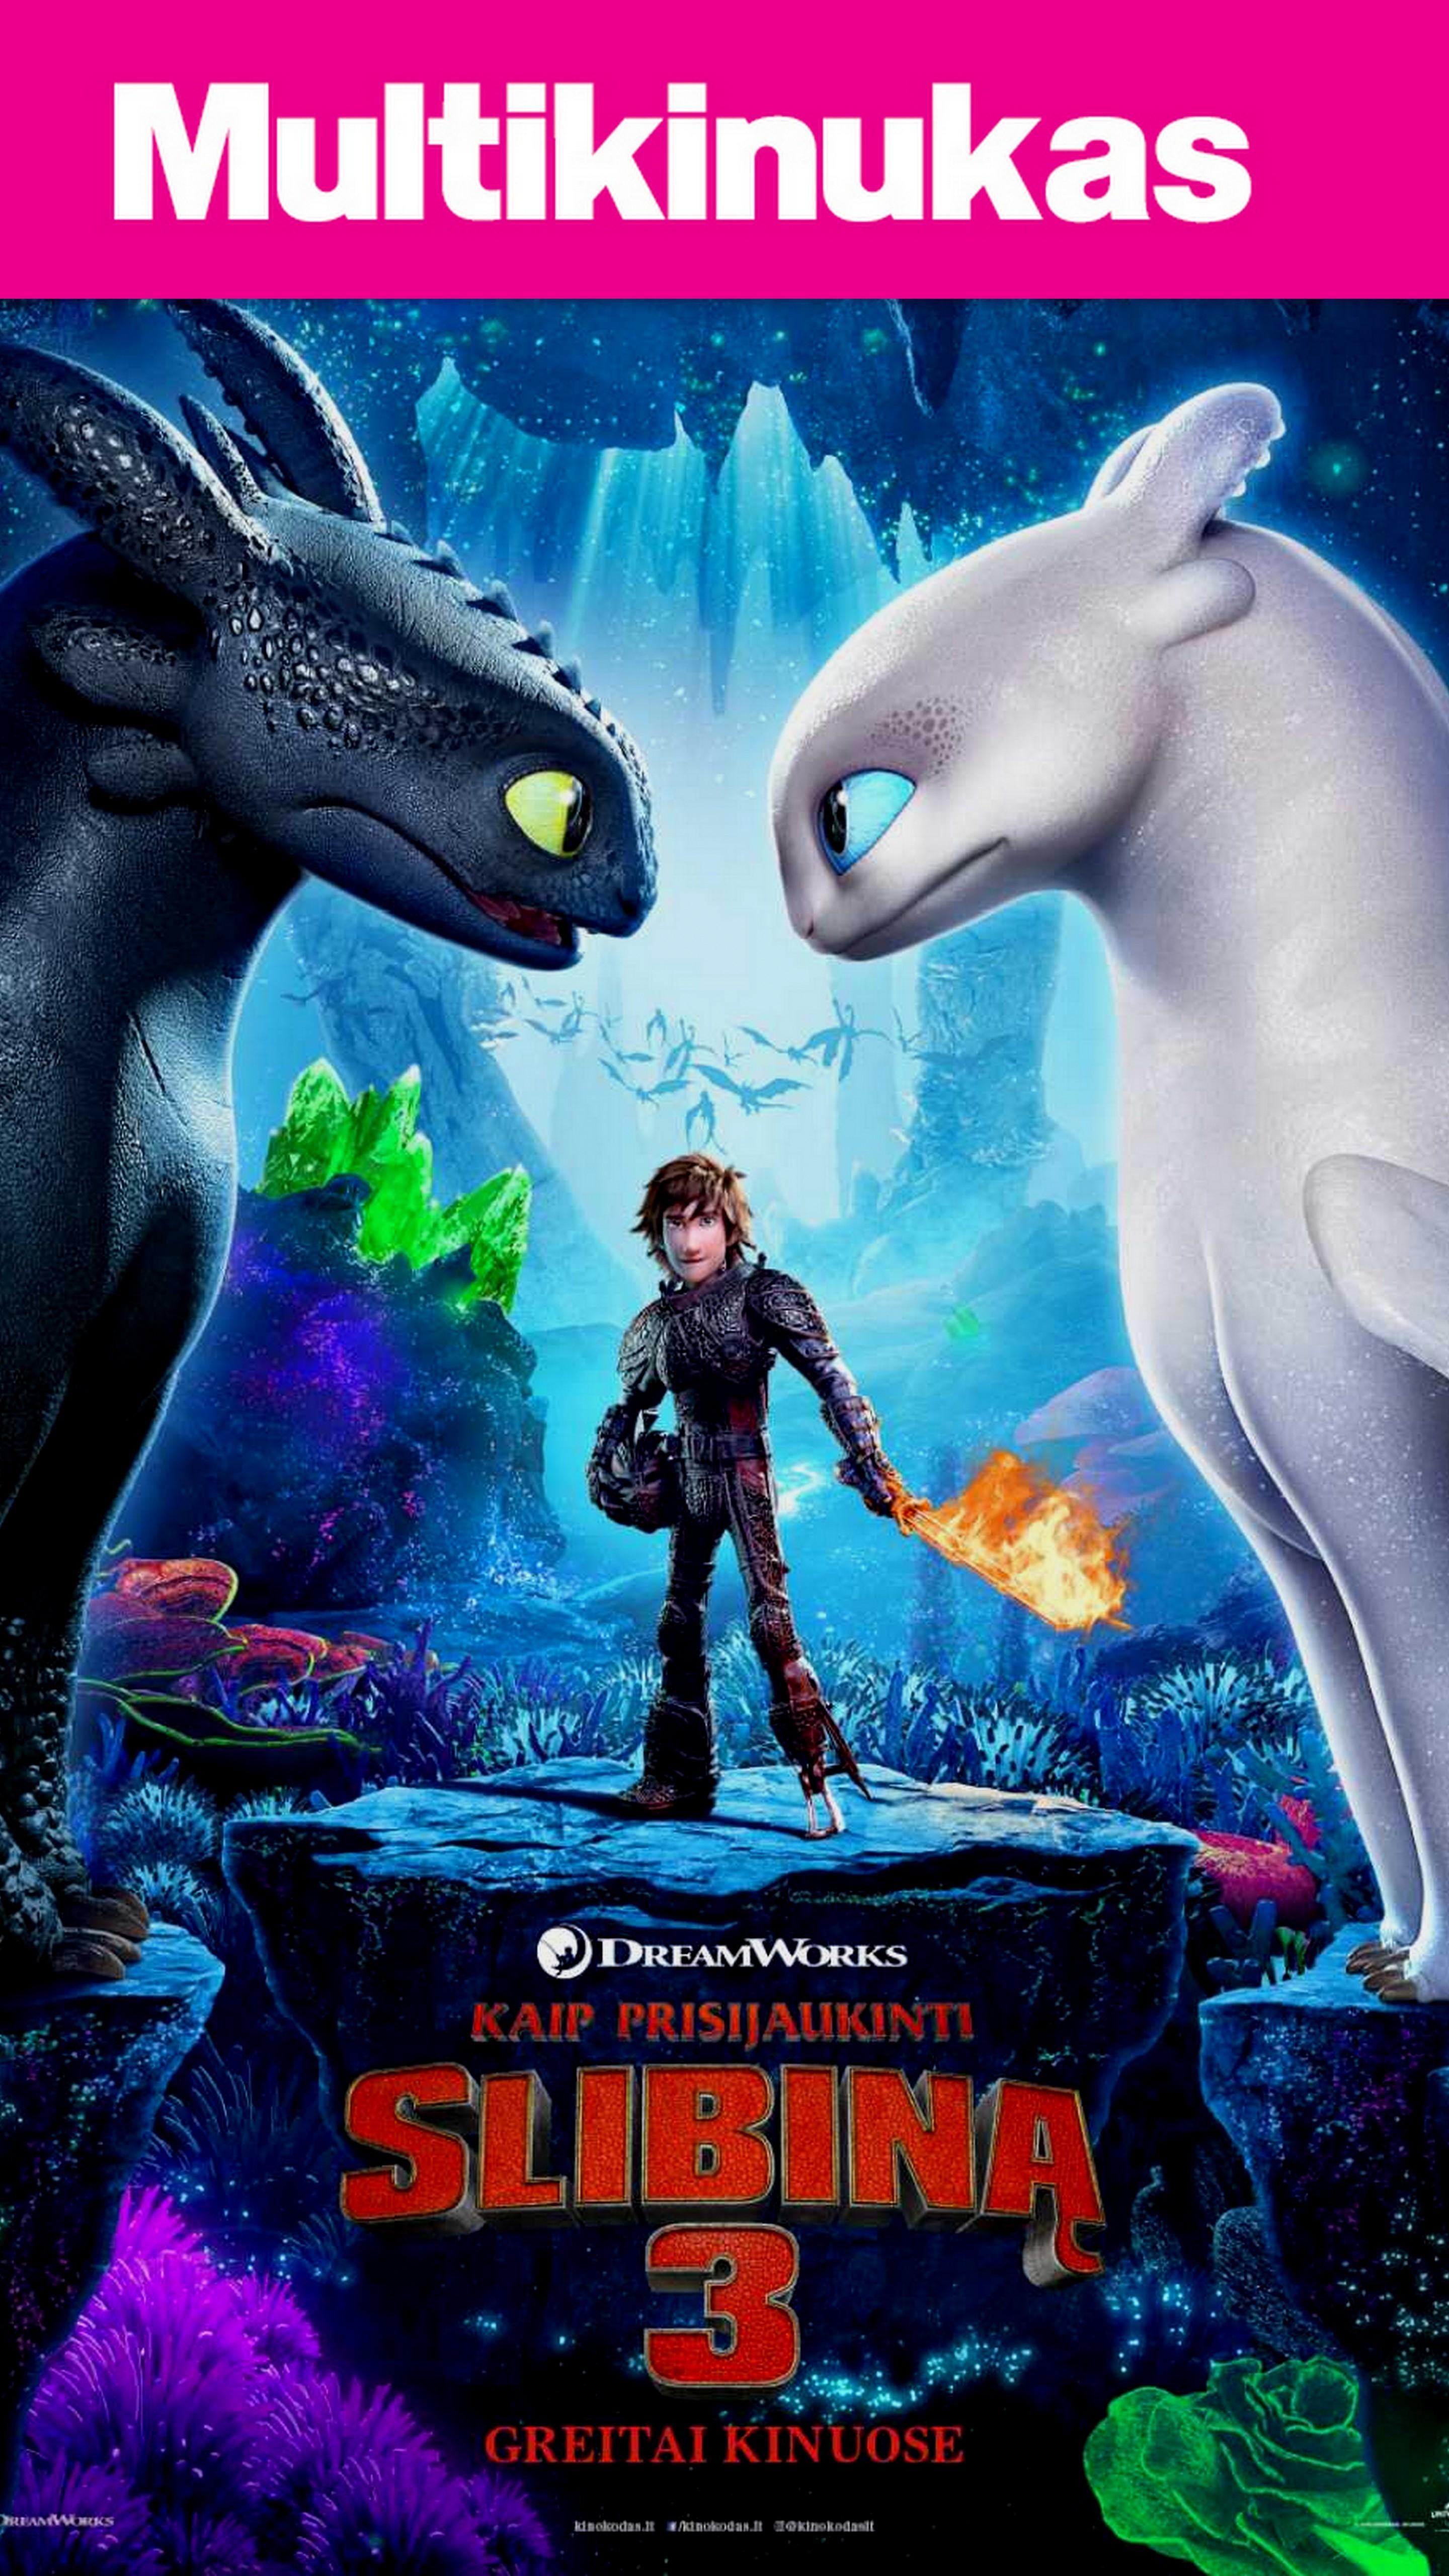 Multikinukas: Kaip prisijaukinti slibiną 3 (How to Train Your Dragon: The Hidden World)